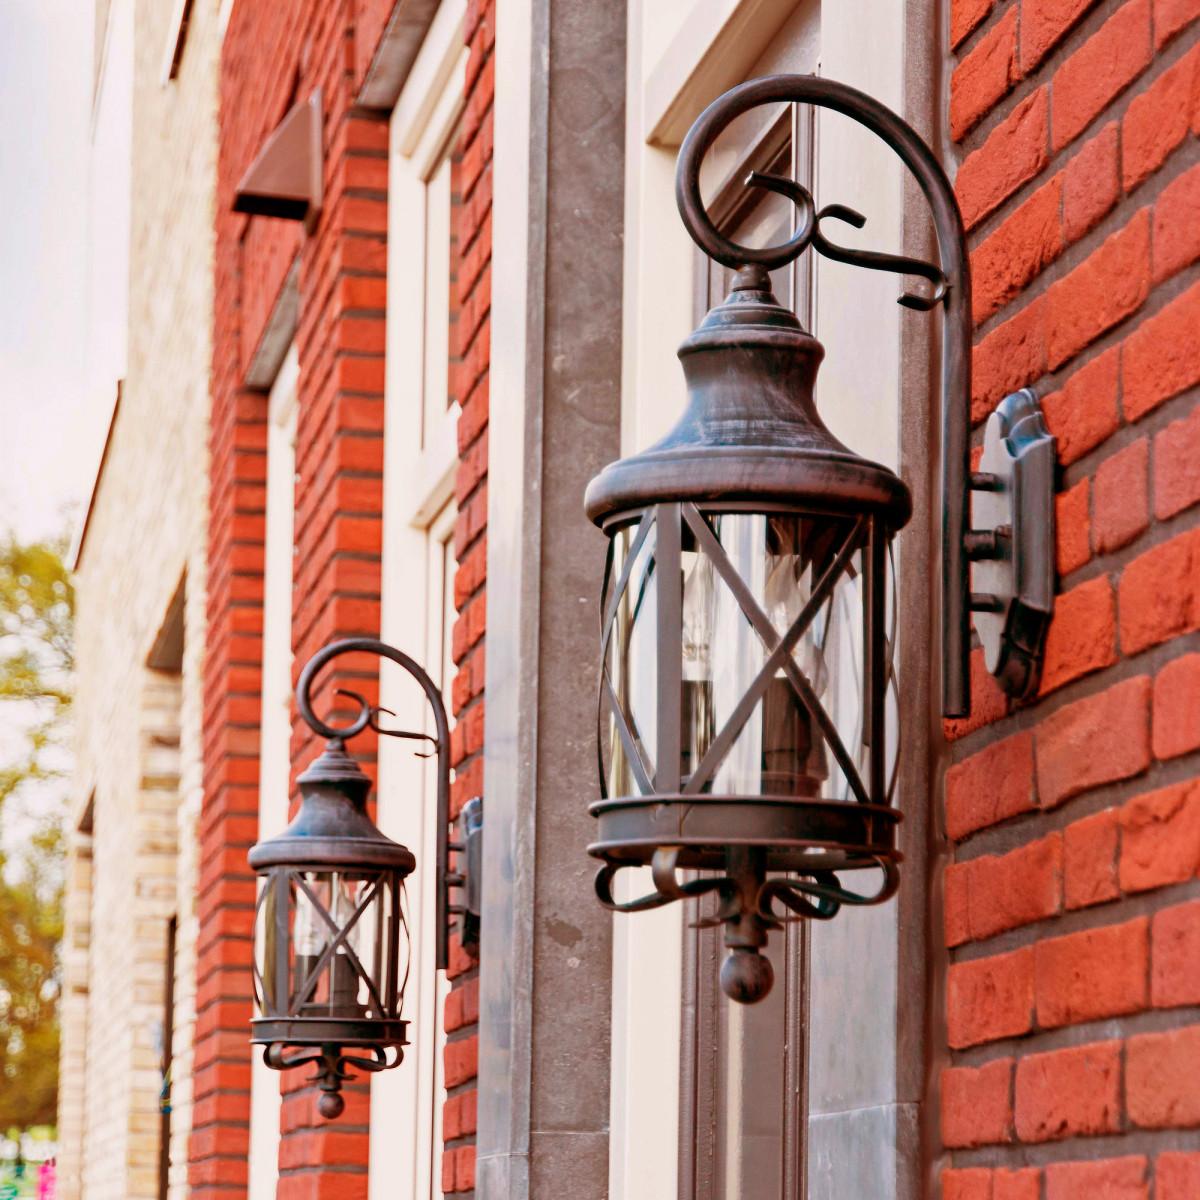 buitenlamp romantica rustiek bruine muurlamp voor buiten in een klassiek landelijke stijl van KS Verlichting